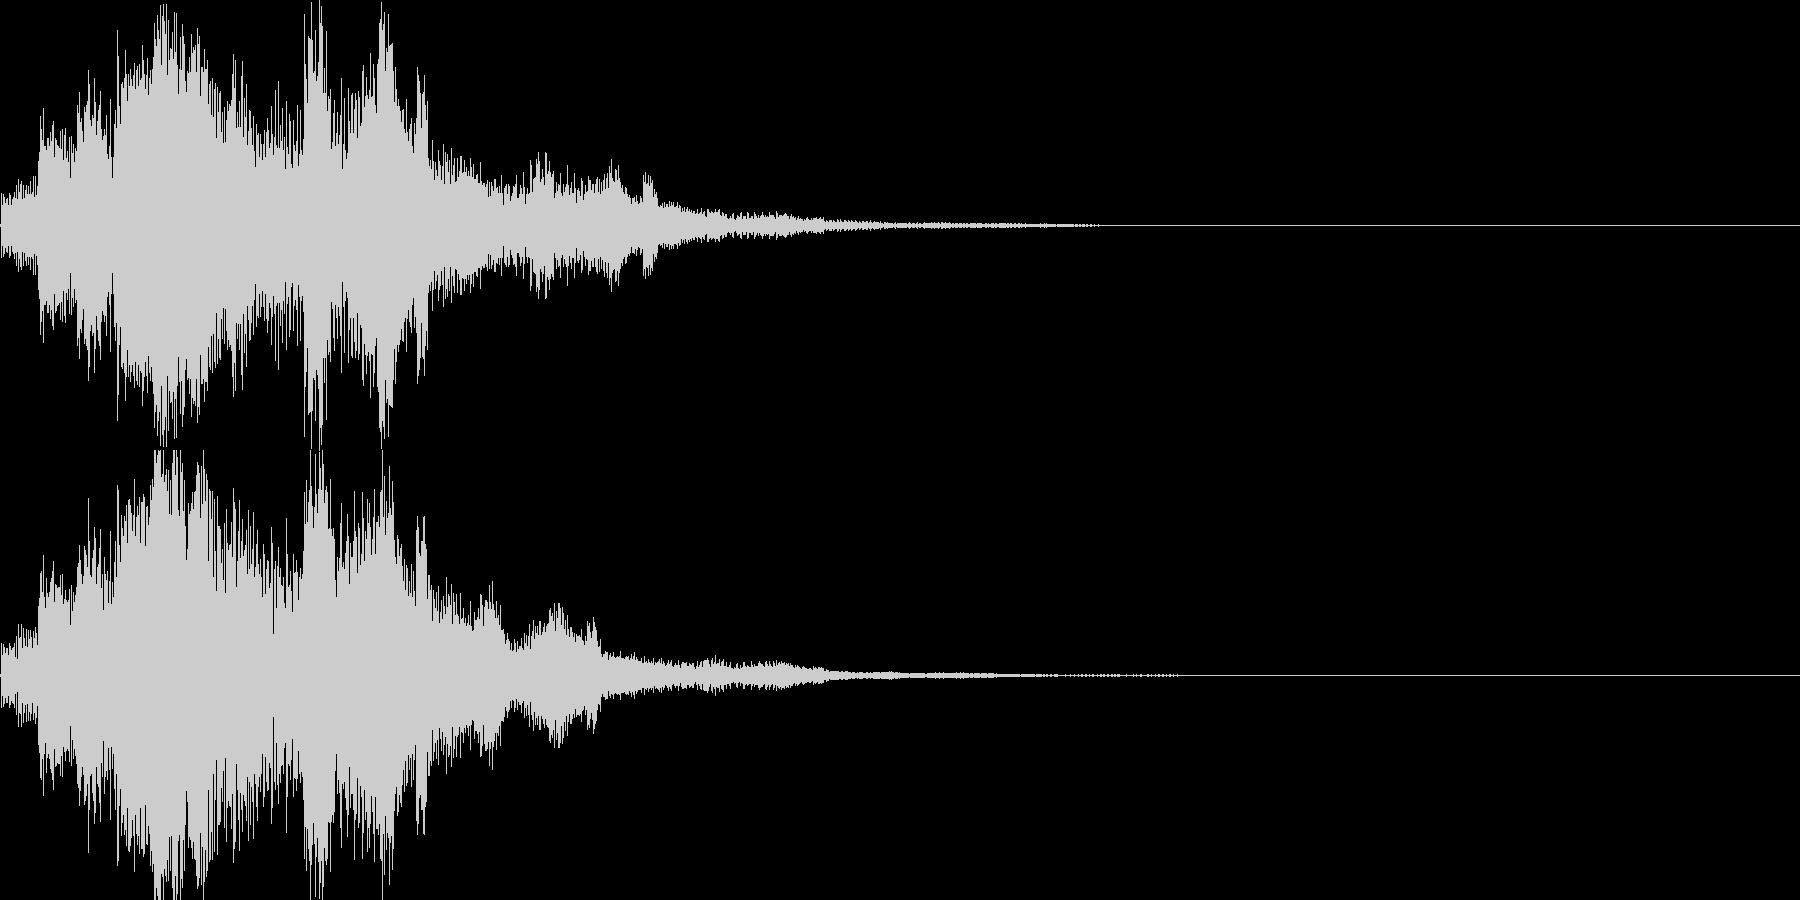 システム音05_シンセ(和風)の未再生の波形